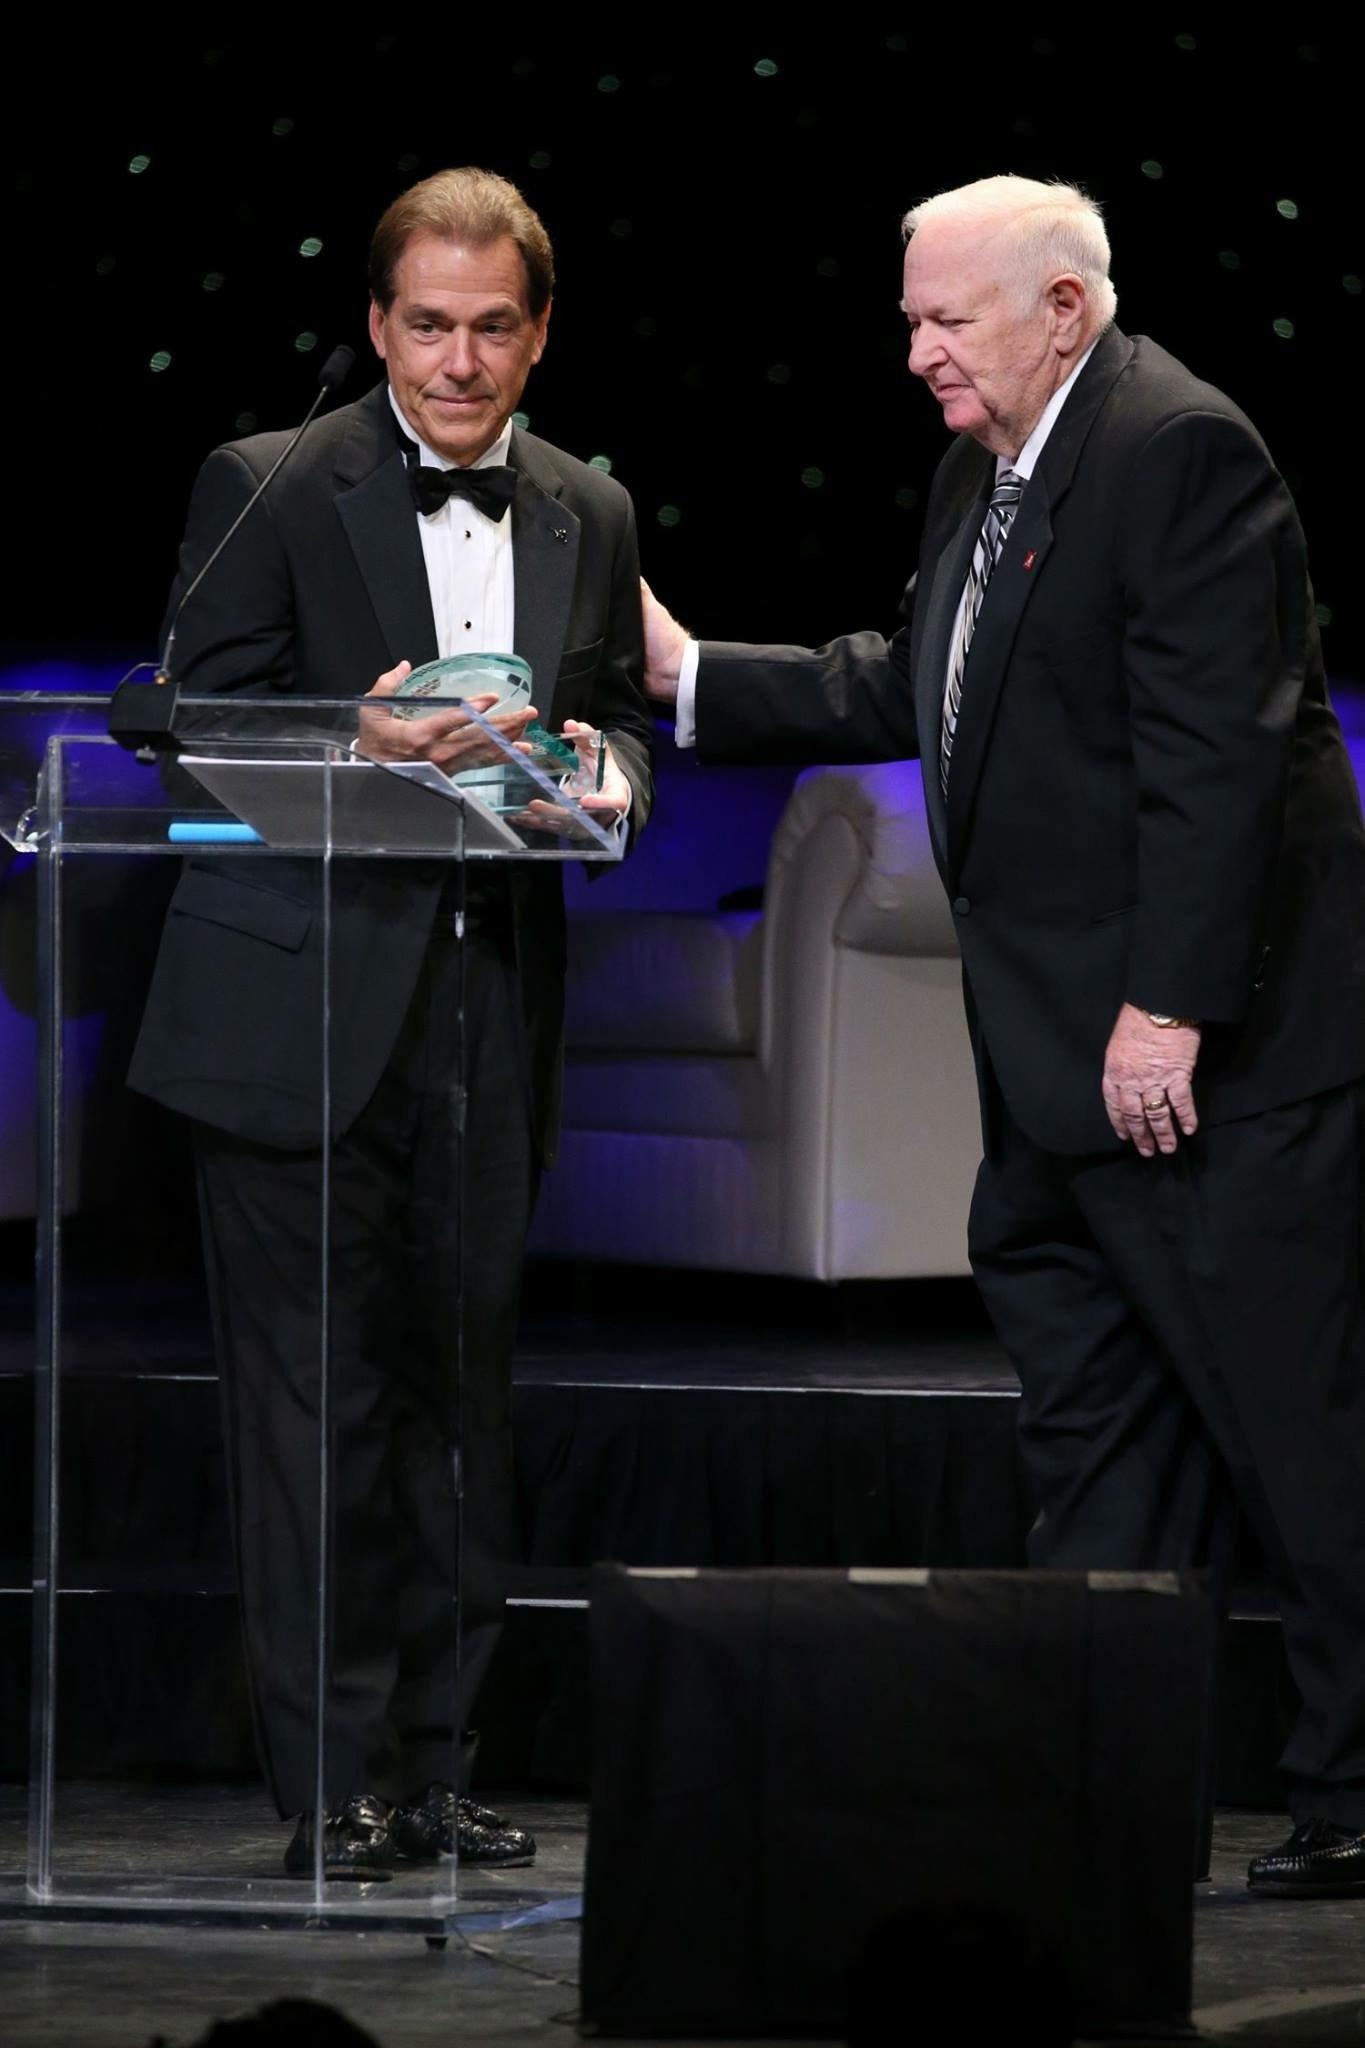 winner of the award Nick Saban